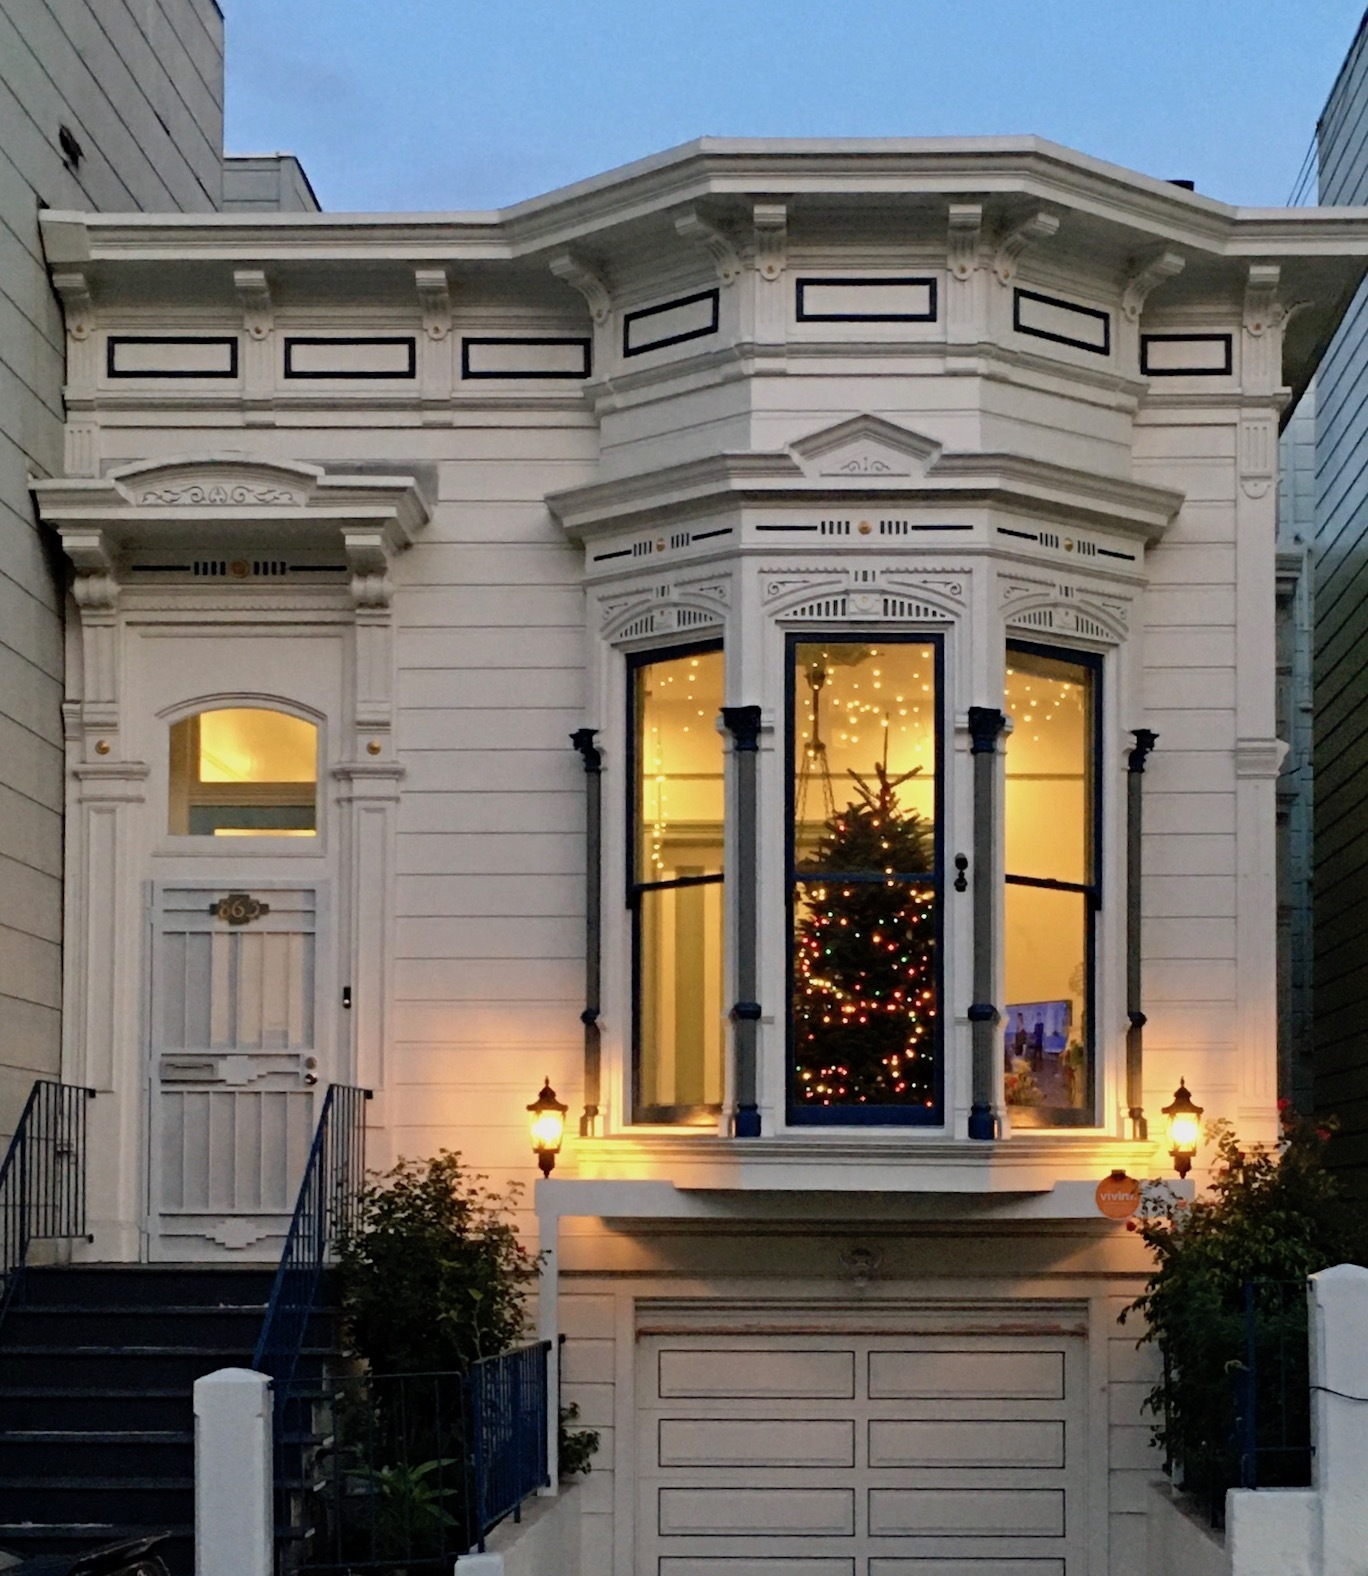 夕暮れ時の散歩道/ My Evening Walk In San Francisco_e0310424_15365940.jpg